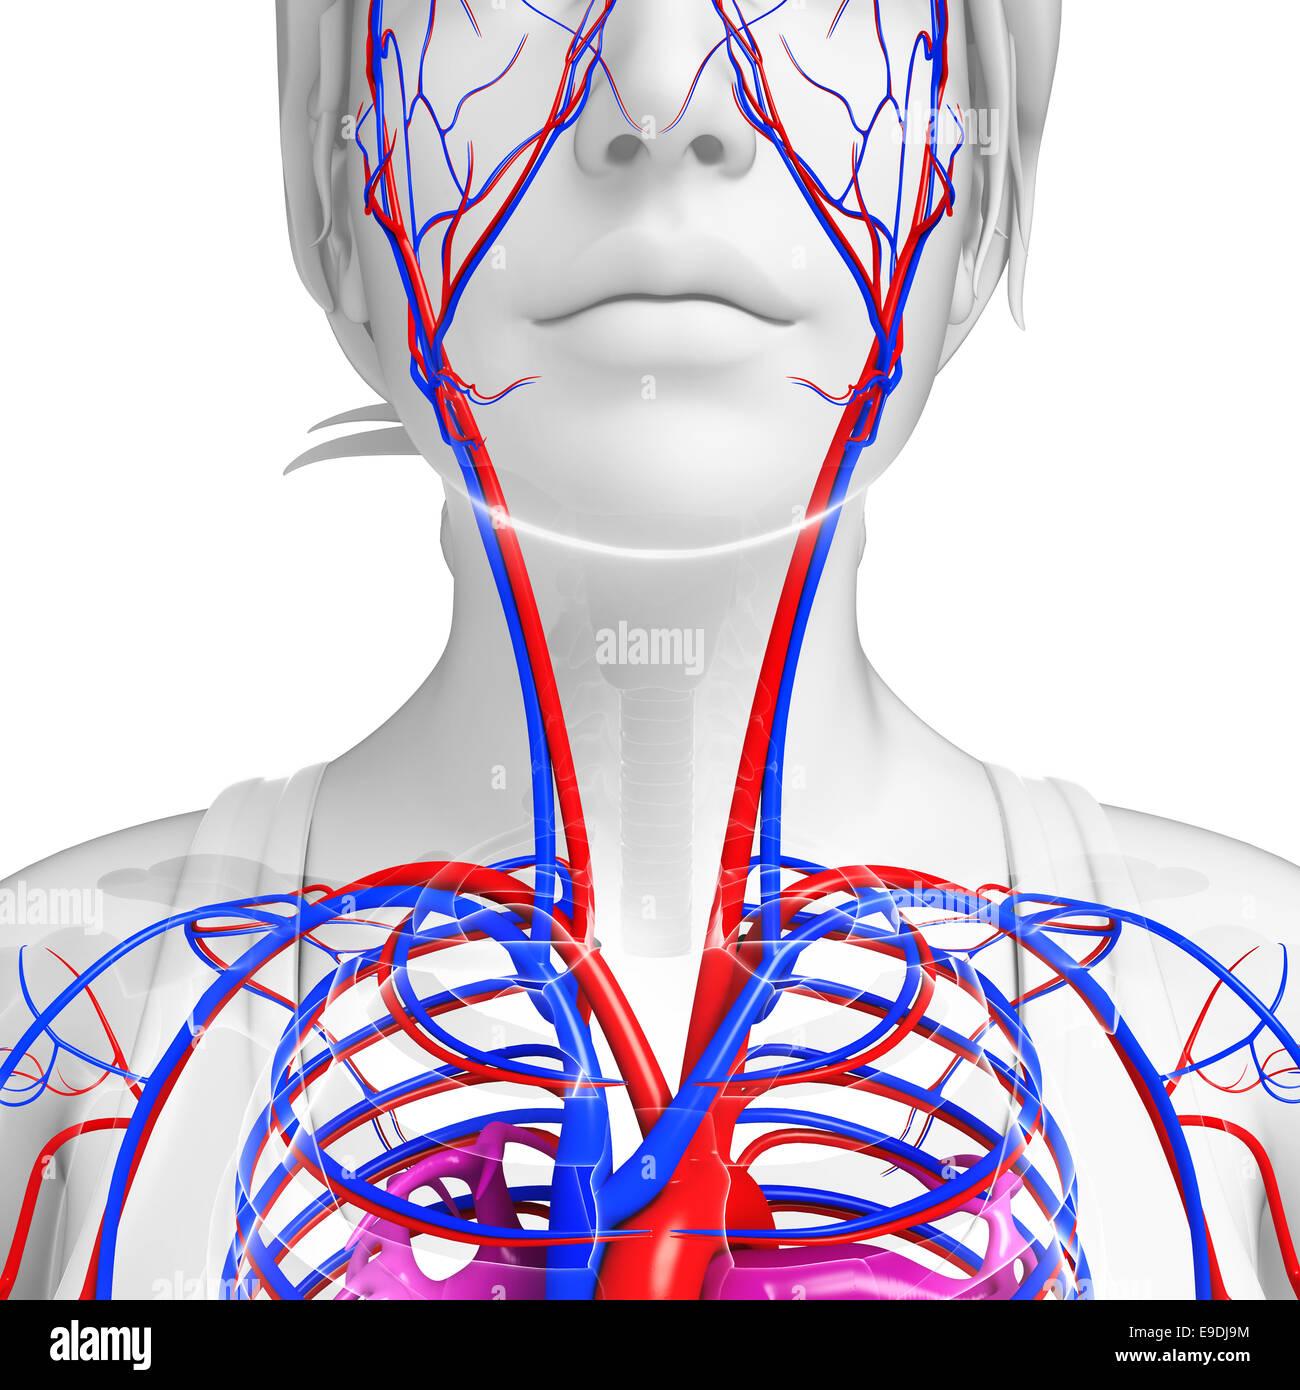 Beste Teile Von Herz Kreislauf System Bilder - Menschliche Anatomie ...